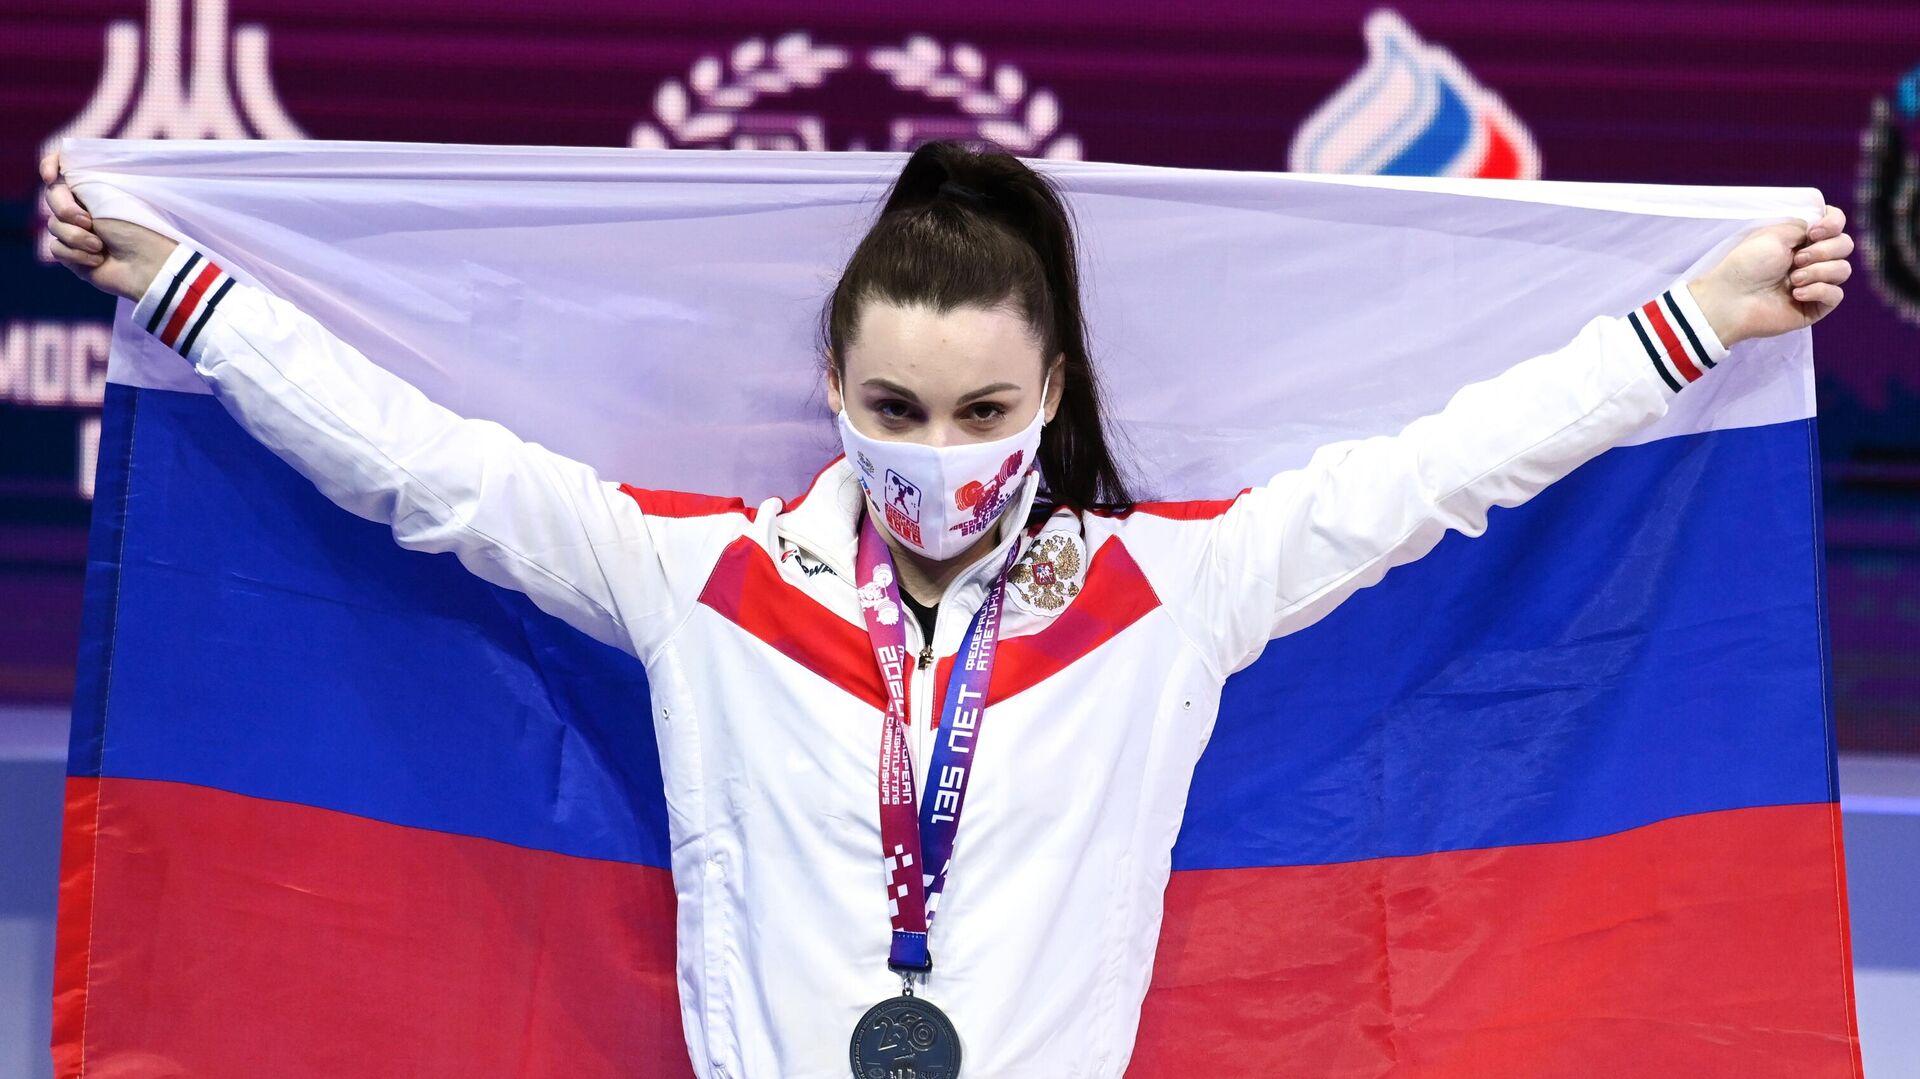 Светлана Ершова (Россия), завоевавшая серебряную медаль в соревнованиях среди женщин в весовой категории до 55 кг на чемпионате Европы по тяжелой атлетике, на церемонии награждения. - РИА Новости, 1920, 11.04.2021